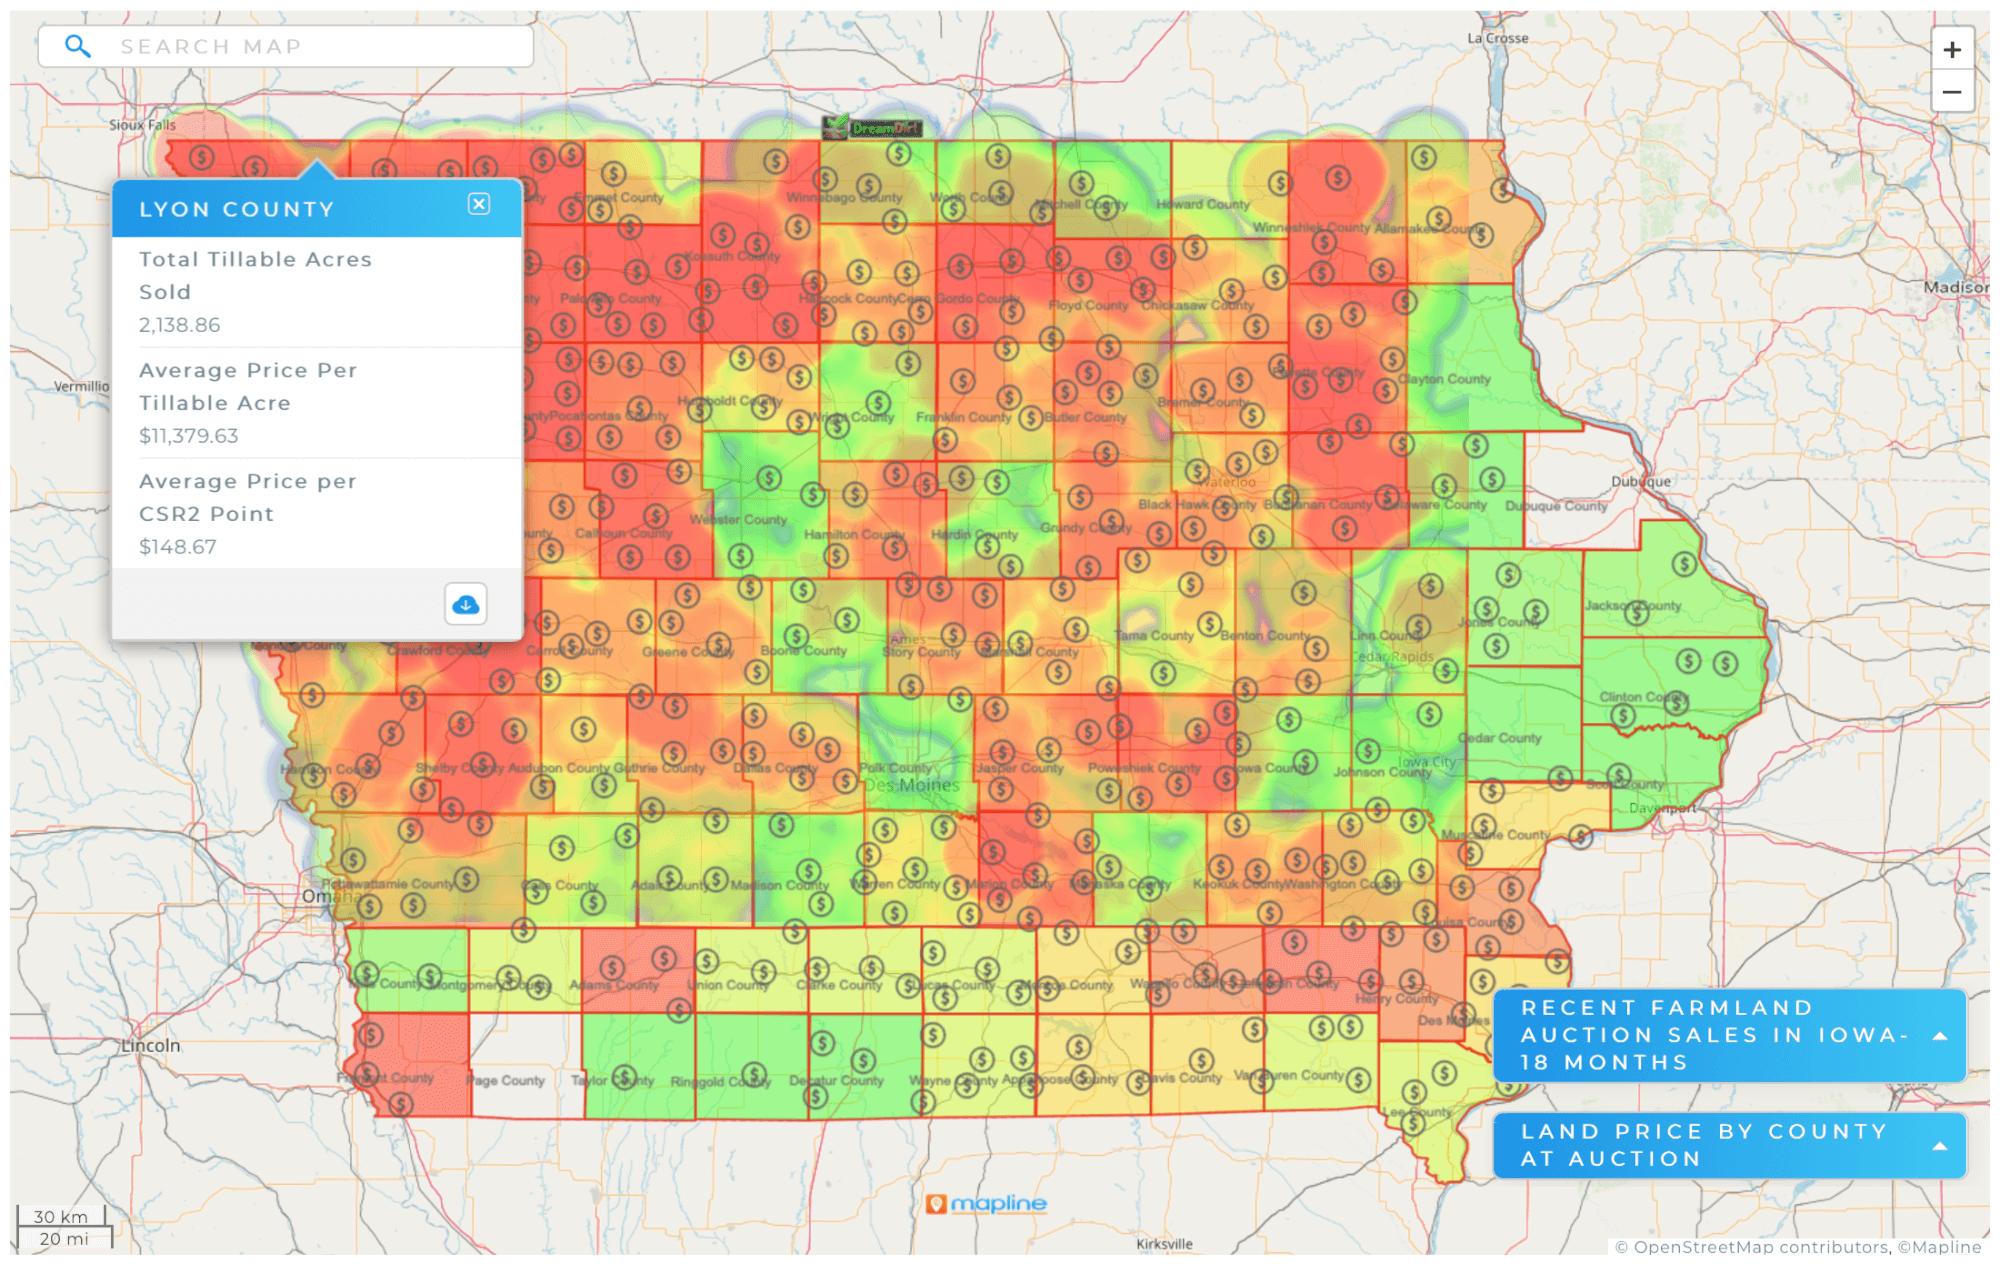 heat map of Iowa Farmland sales